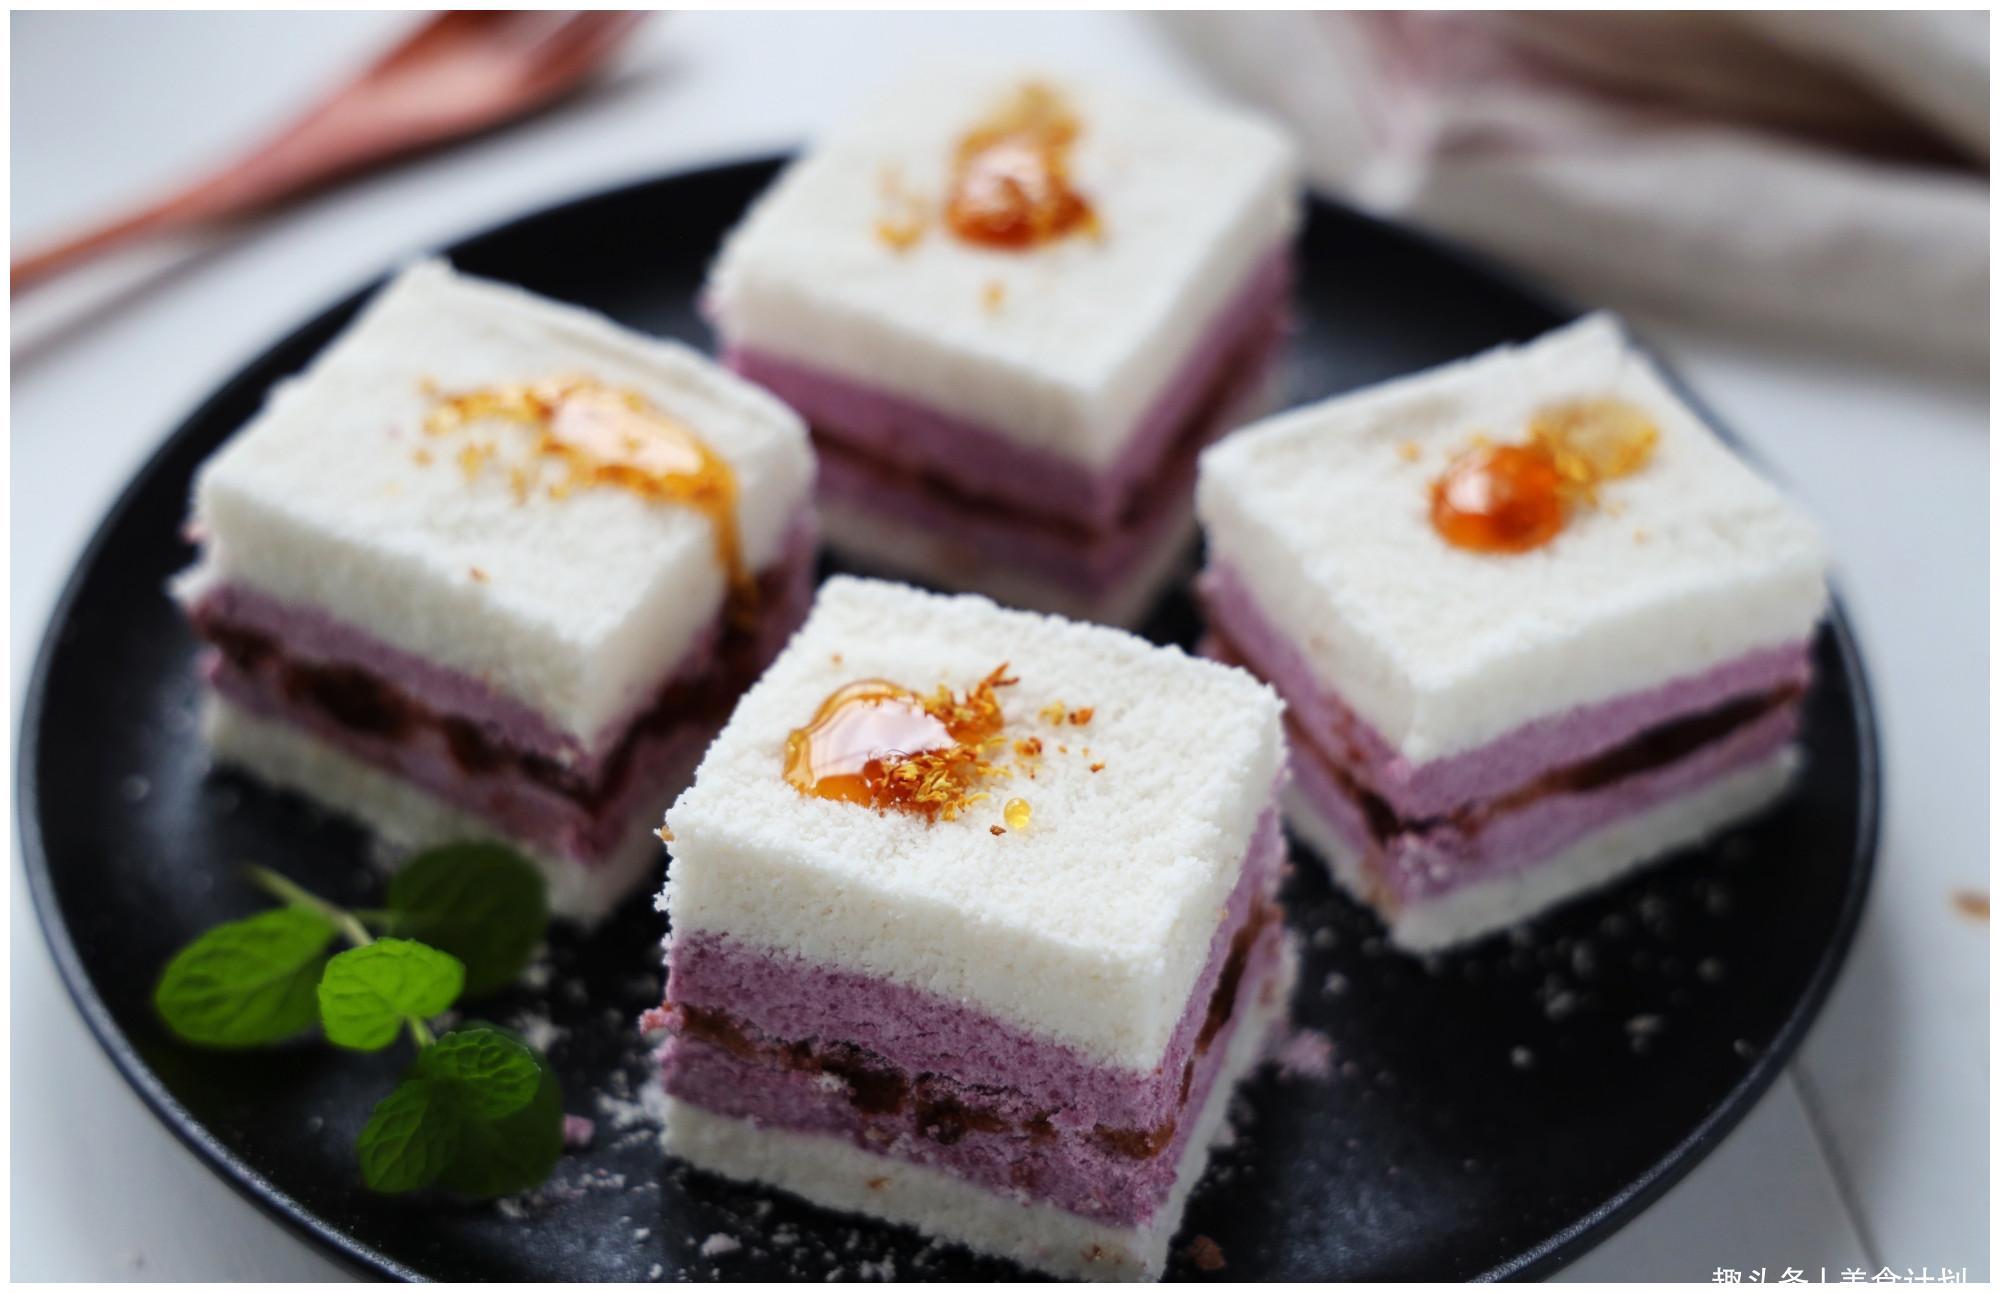 教你做好吃又好看的大米松糕,掌握正确方法,在家做几乎不会失败